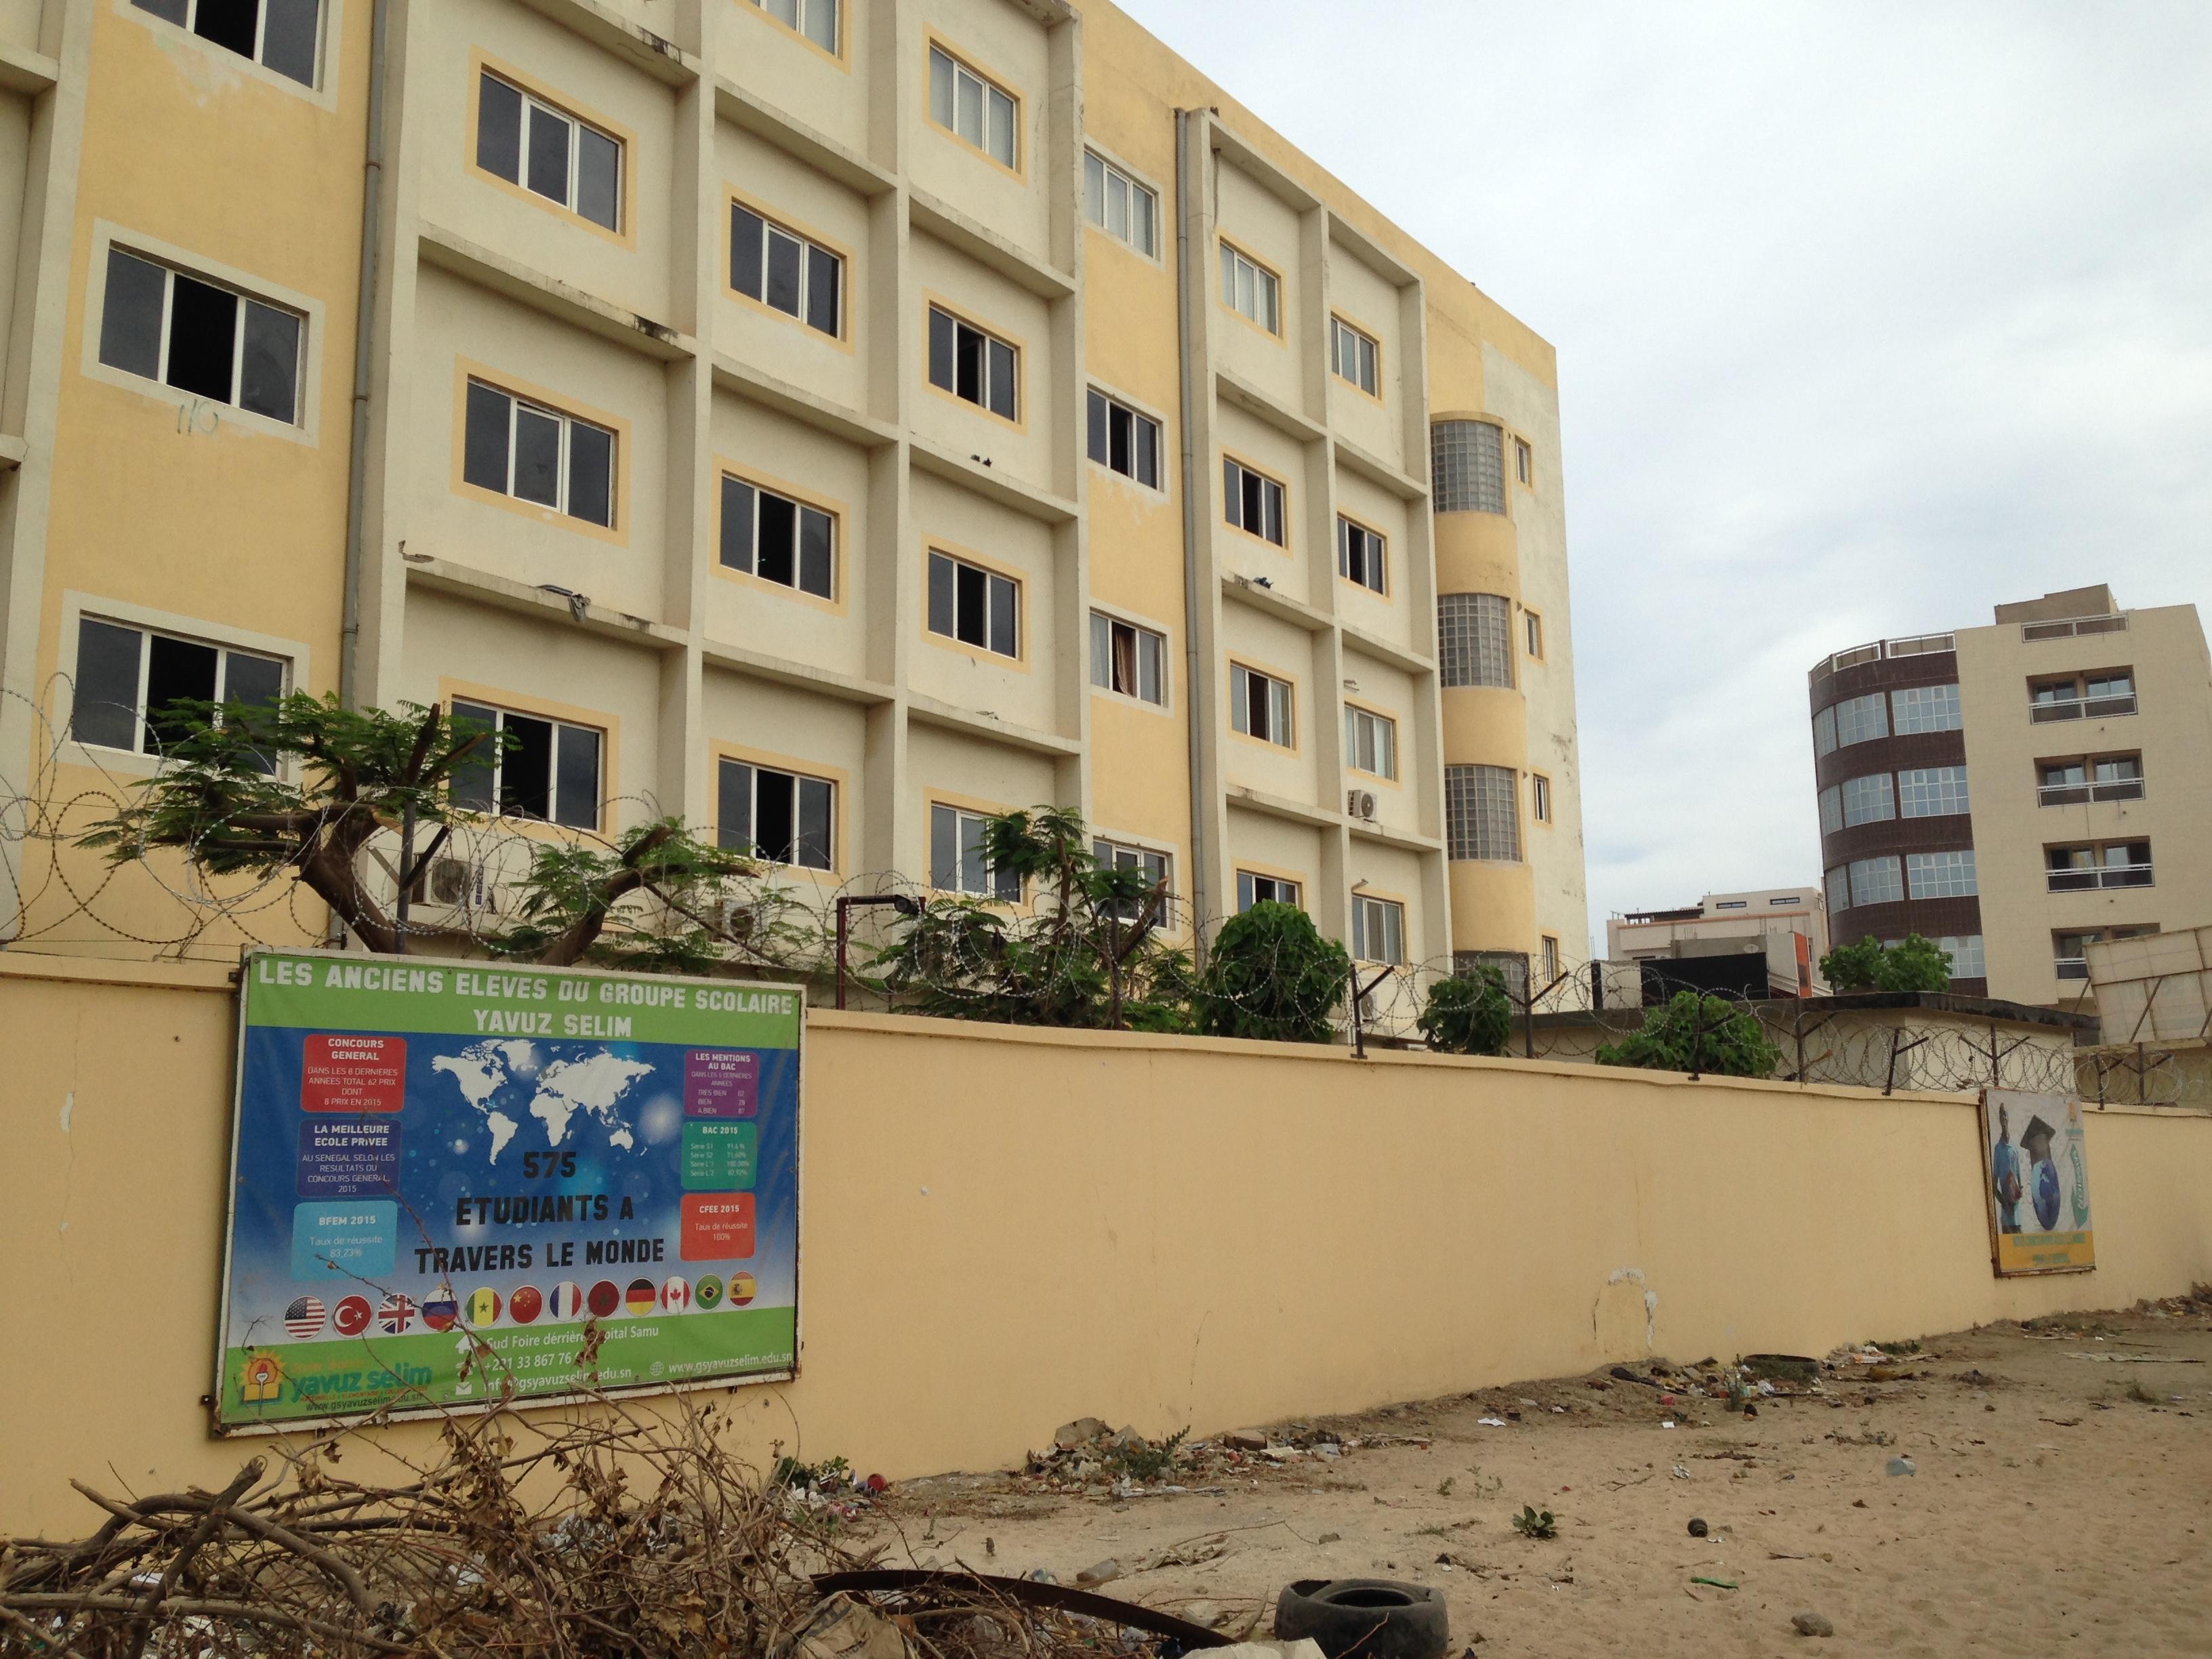 Collège Bosphore in Dakar .